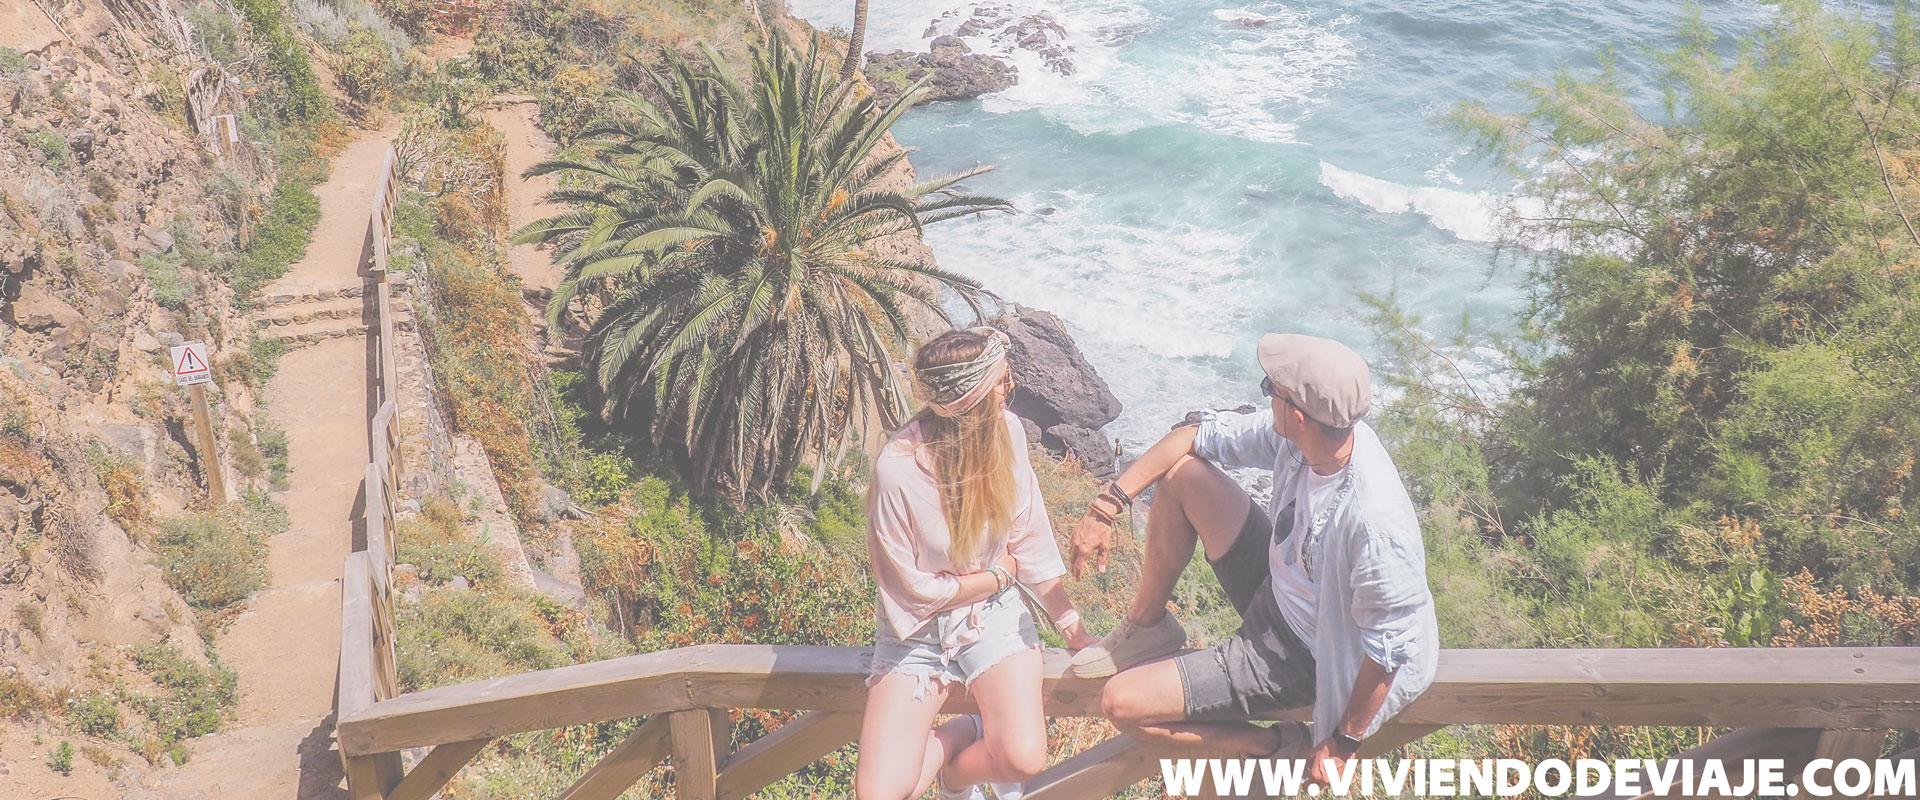 Viaje a Tenerife por libre